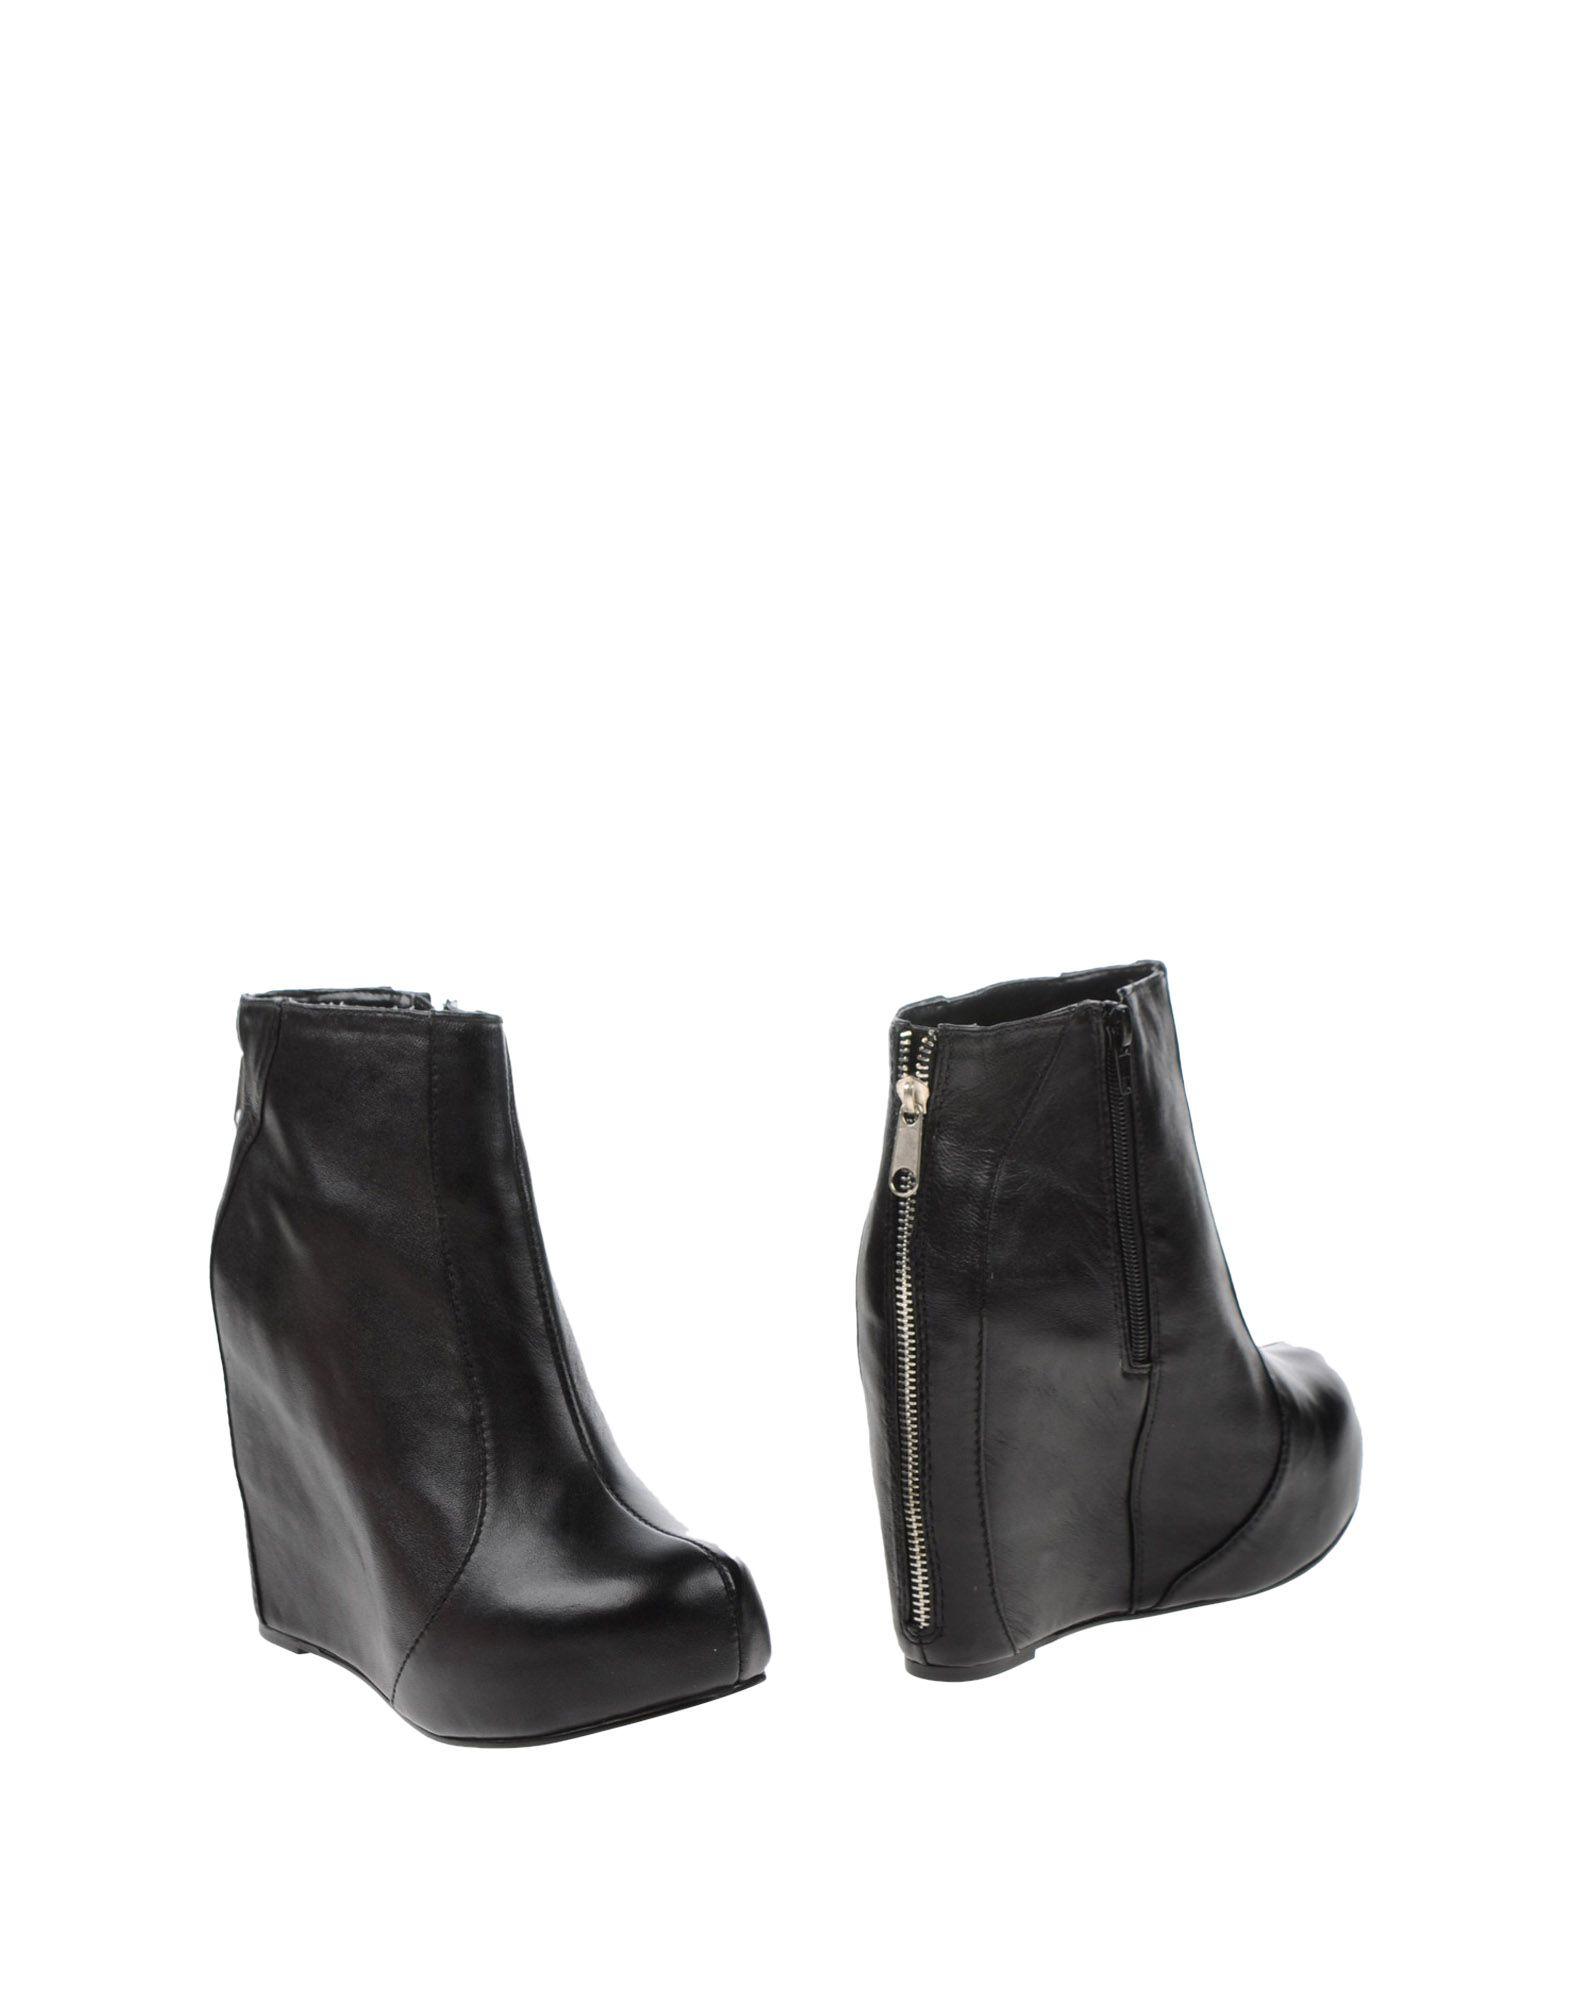 Jeffrey Campbell Stiefelette Damen  11214470NA Gute Qualität beliebte Schuhe